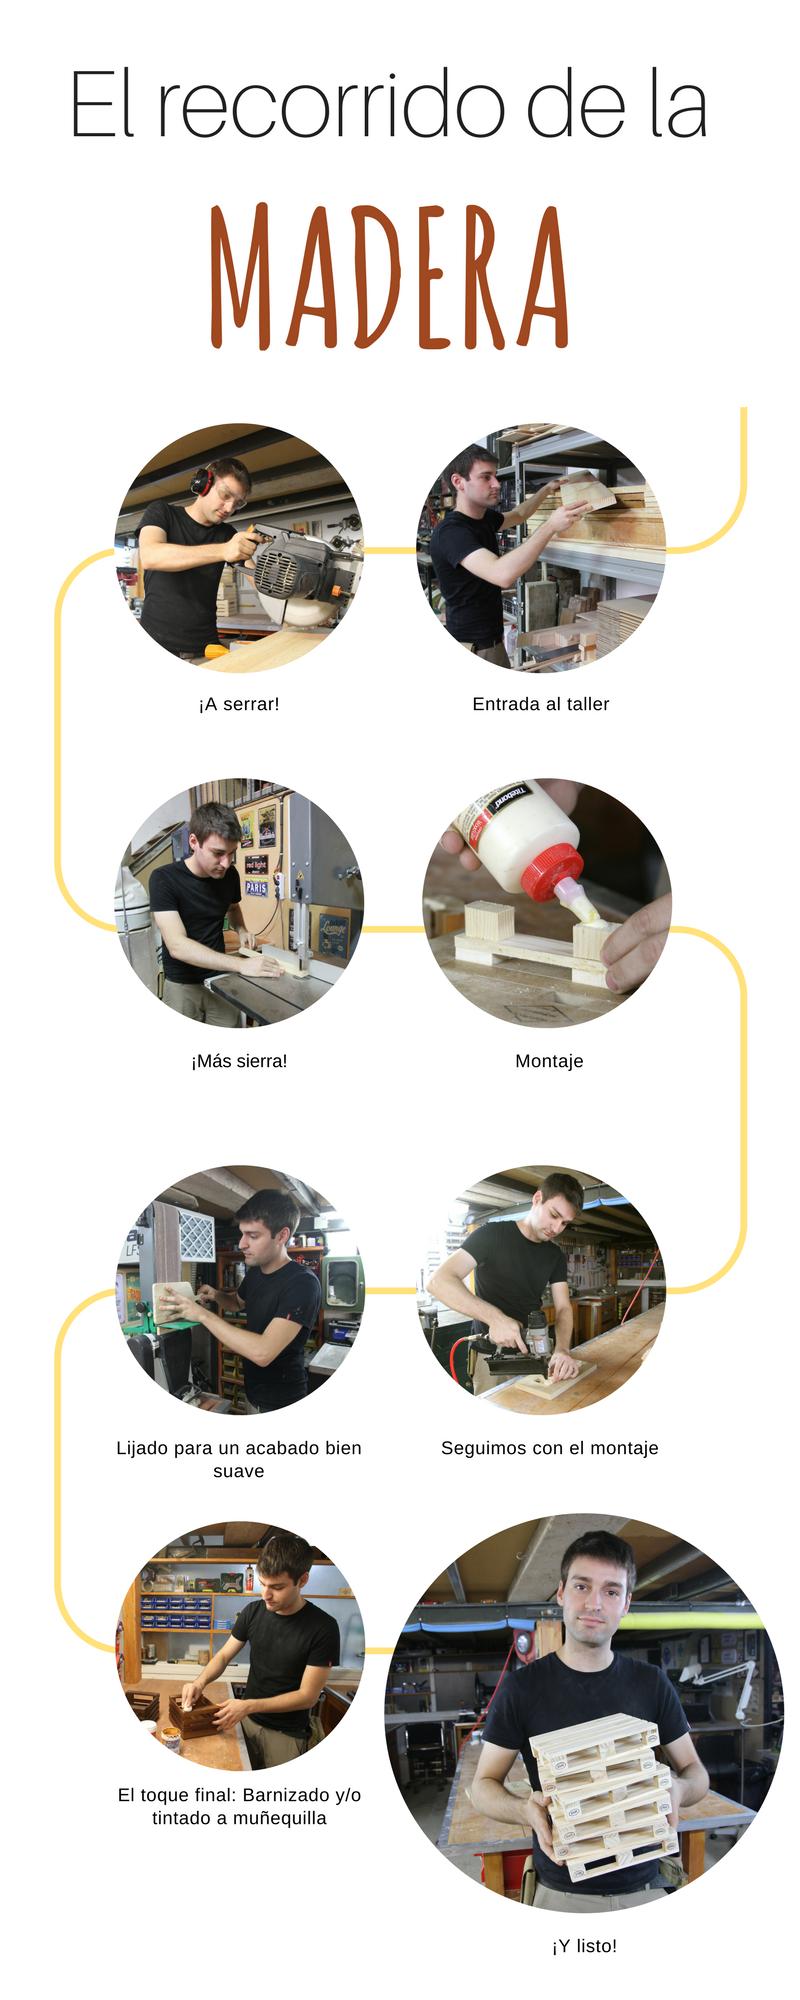 como trabajamos la madera